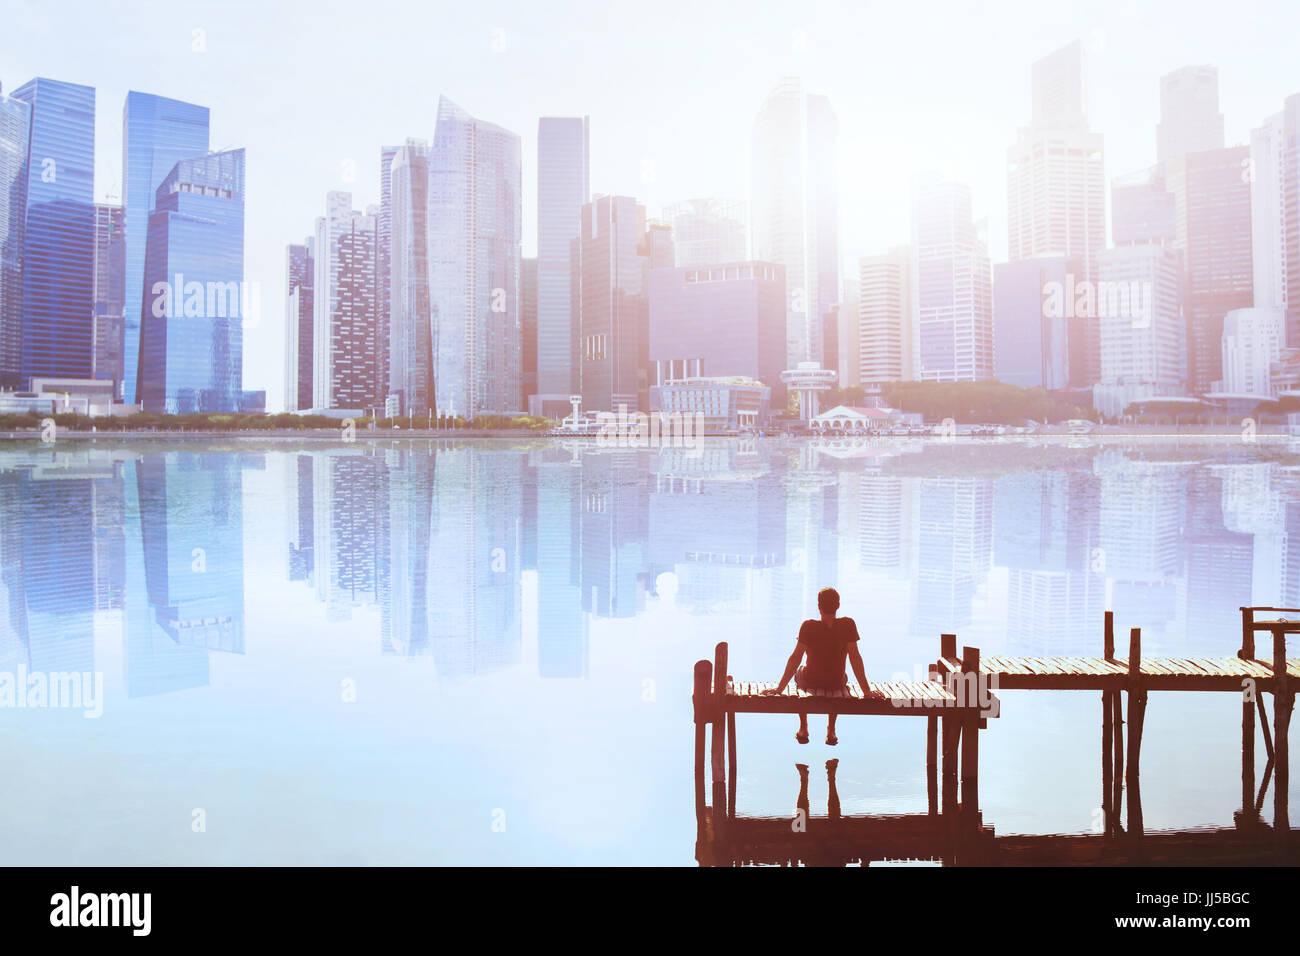 Dream concept, l'homme assis sur la jetée et profiter de la ville moderne vue sur l'horizon Photo Stock